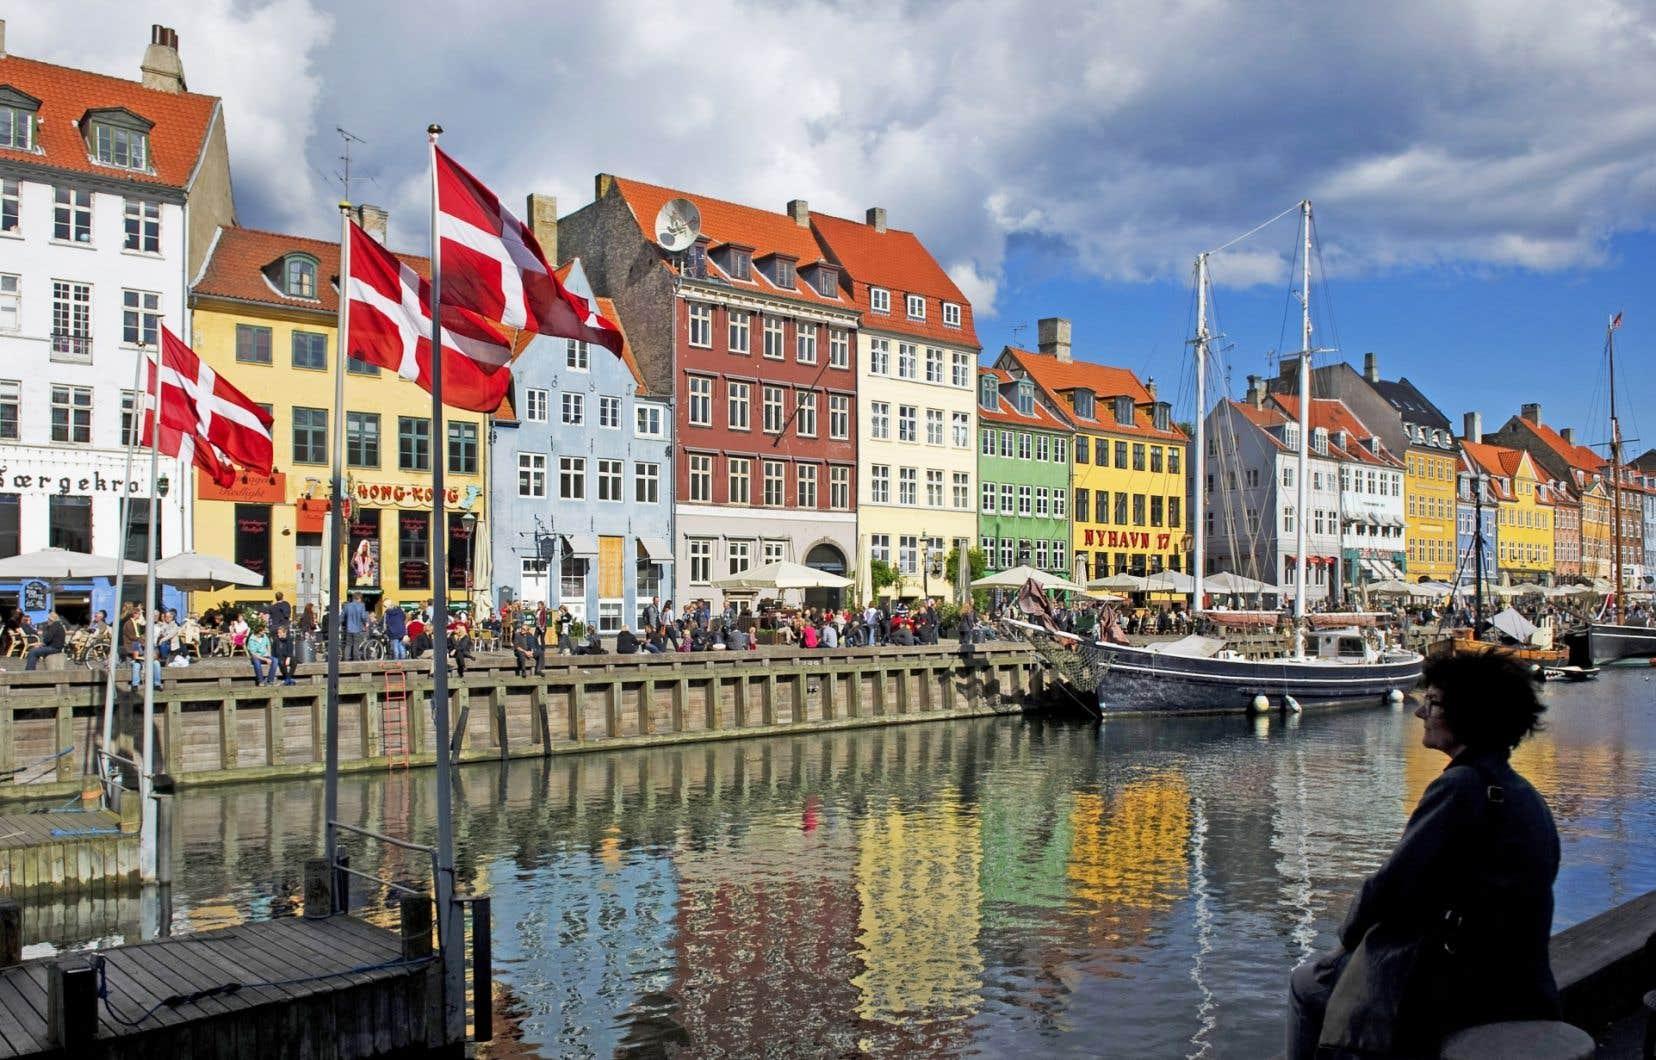 Les pays scandinaves, le Danemark notamment, sont des modèles dans le monde en matière de gestion des finances publiques.